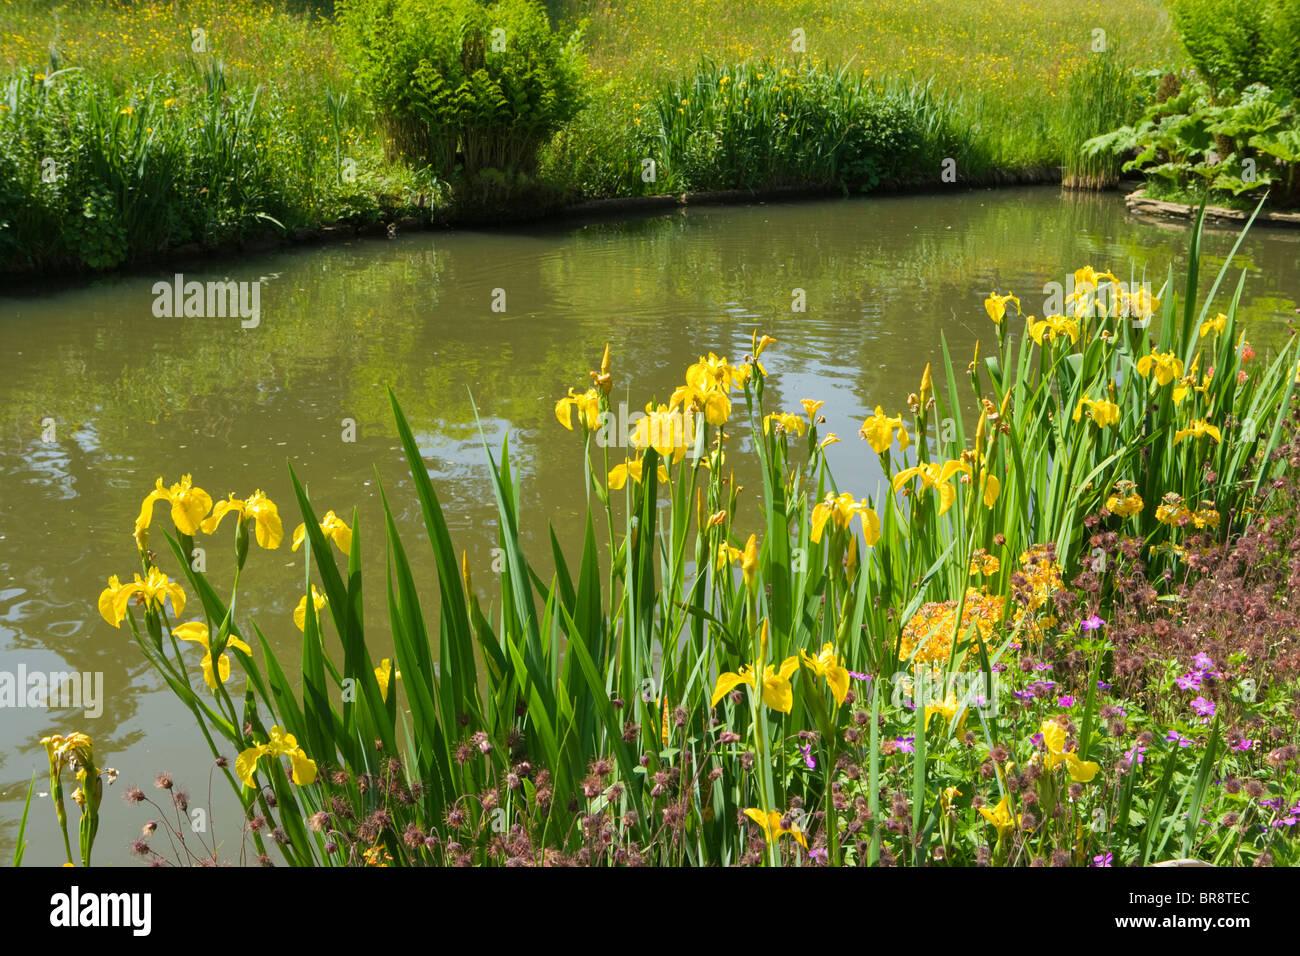 The Rock Garden, Wisley RHS Garden, Surrey, UK. Yellow irises. - Stock Image